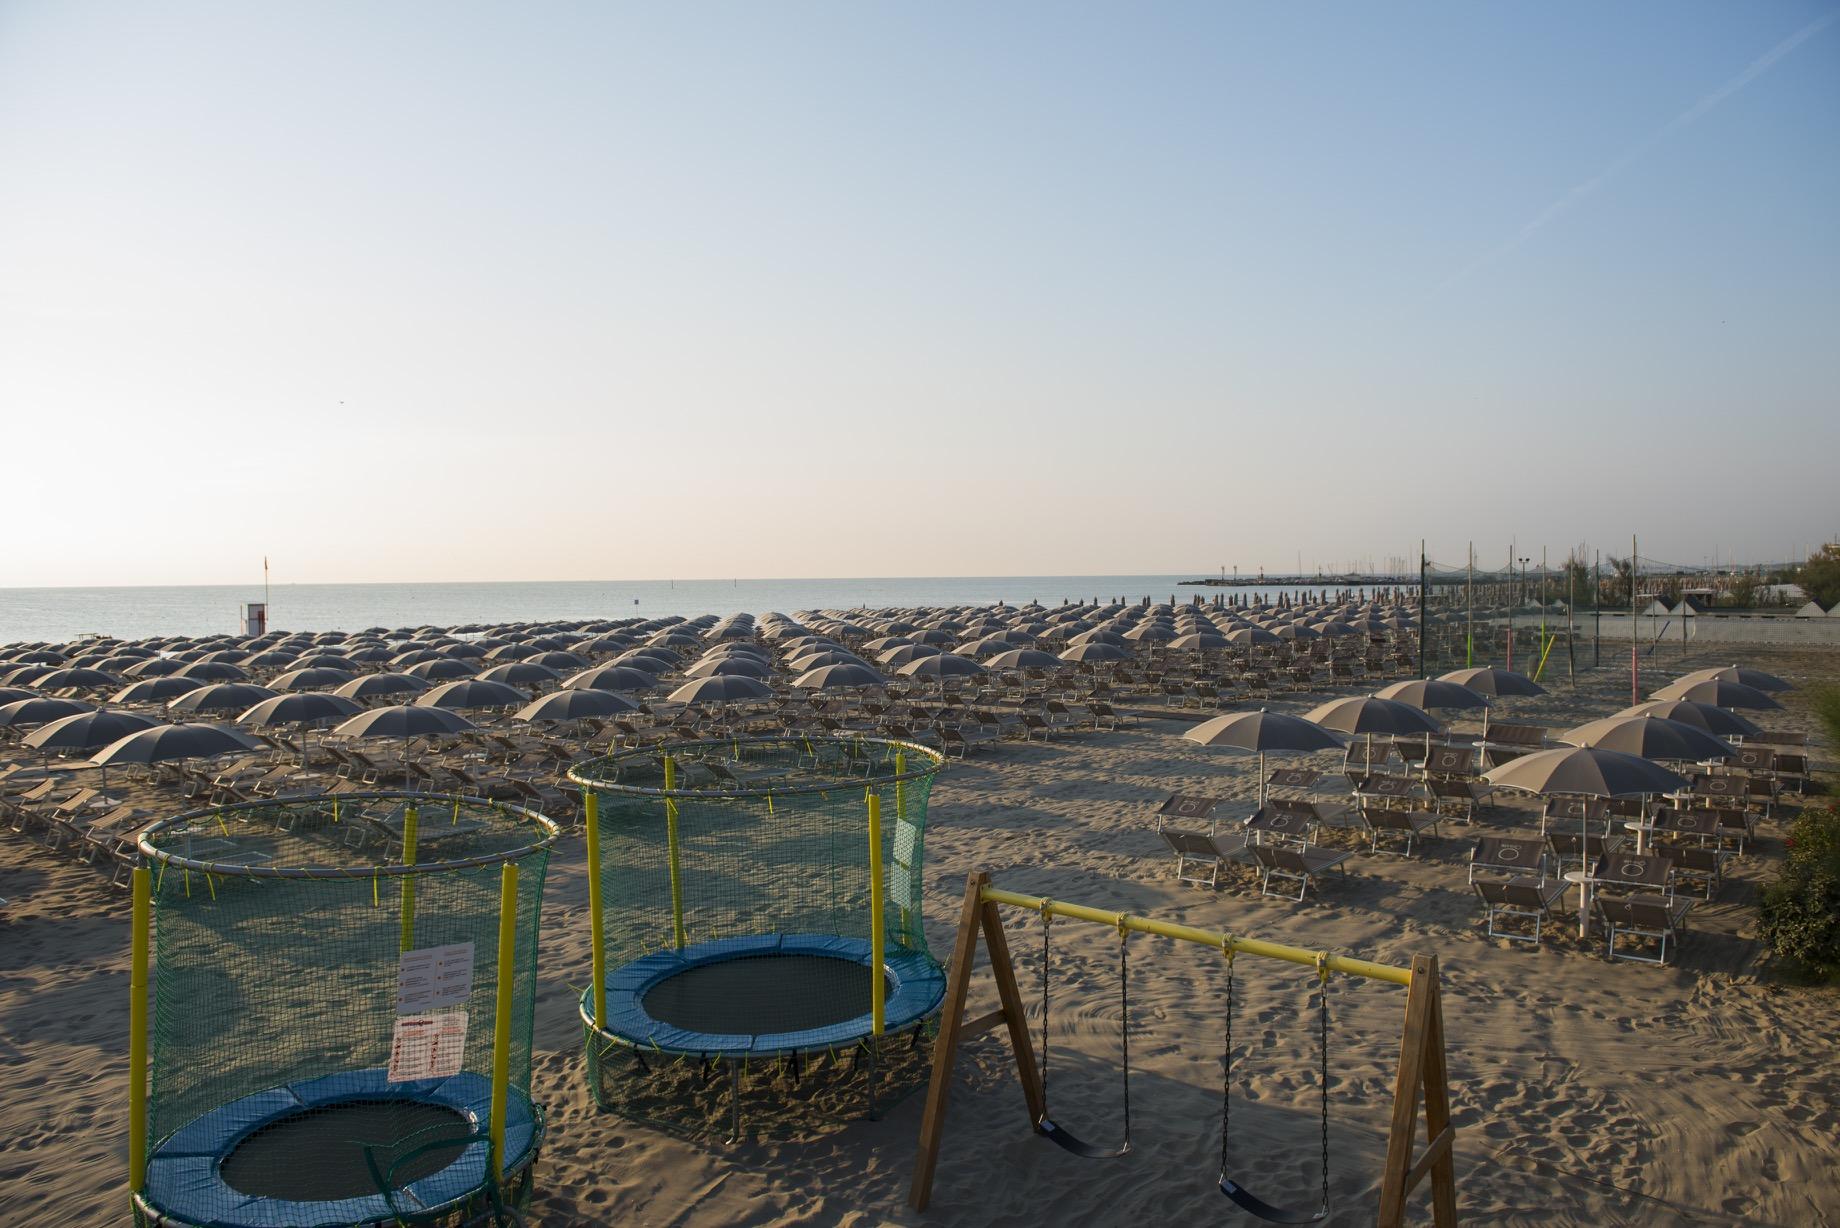 Bagno oreste 250 bagno a milano marittima con ristorante e caffetteria il bagno oreste 250 - Bagno adriatico milano marittima ...